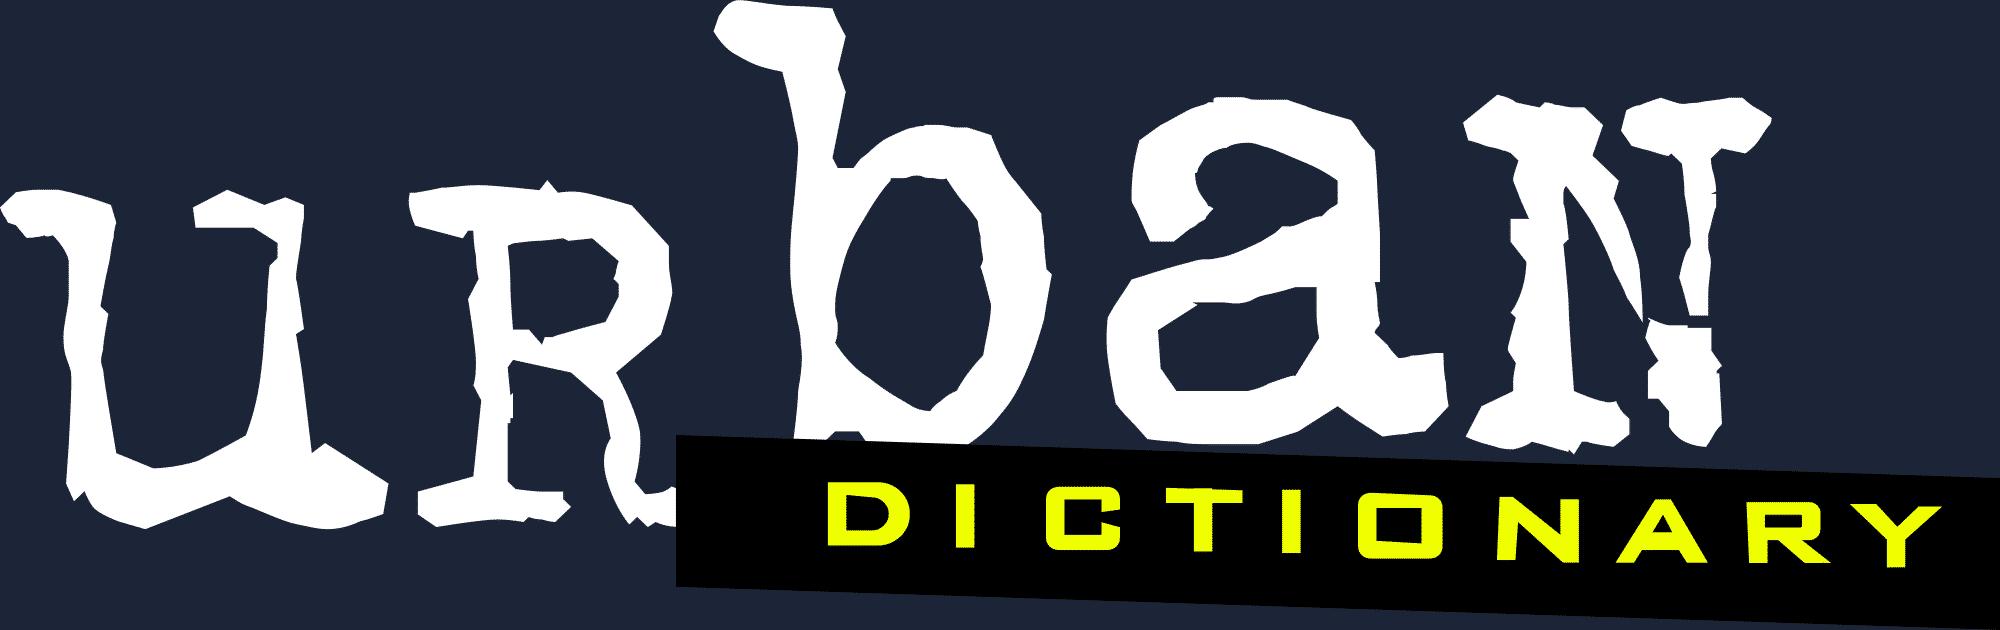 trang từ điển urban dictionary